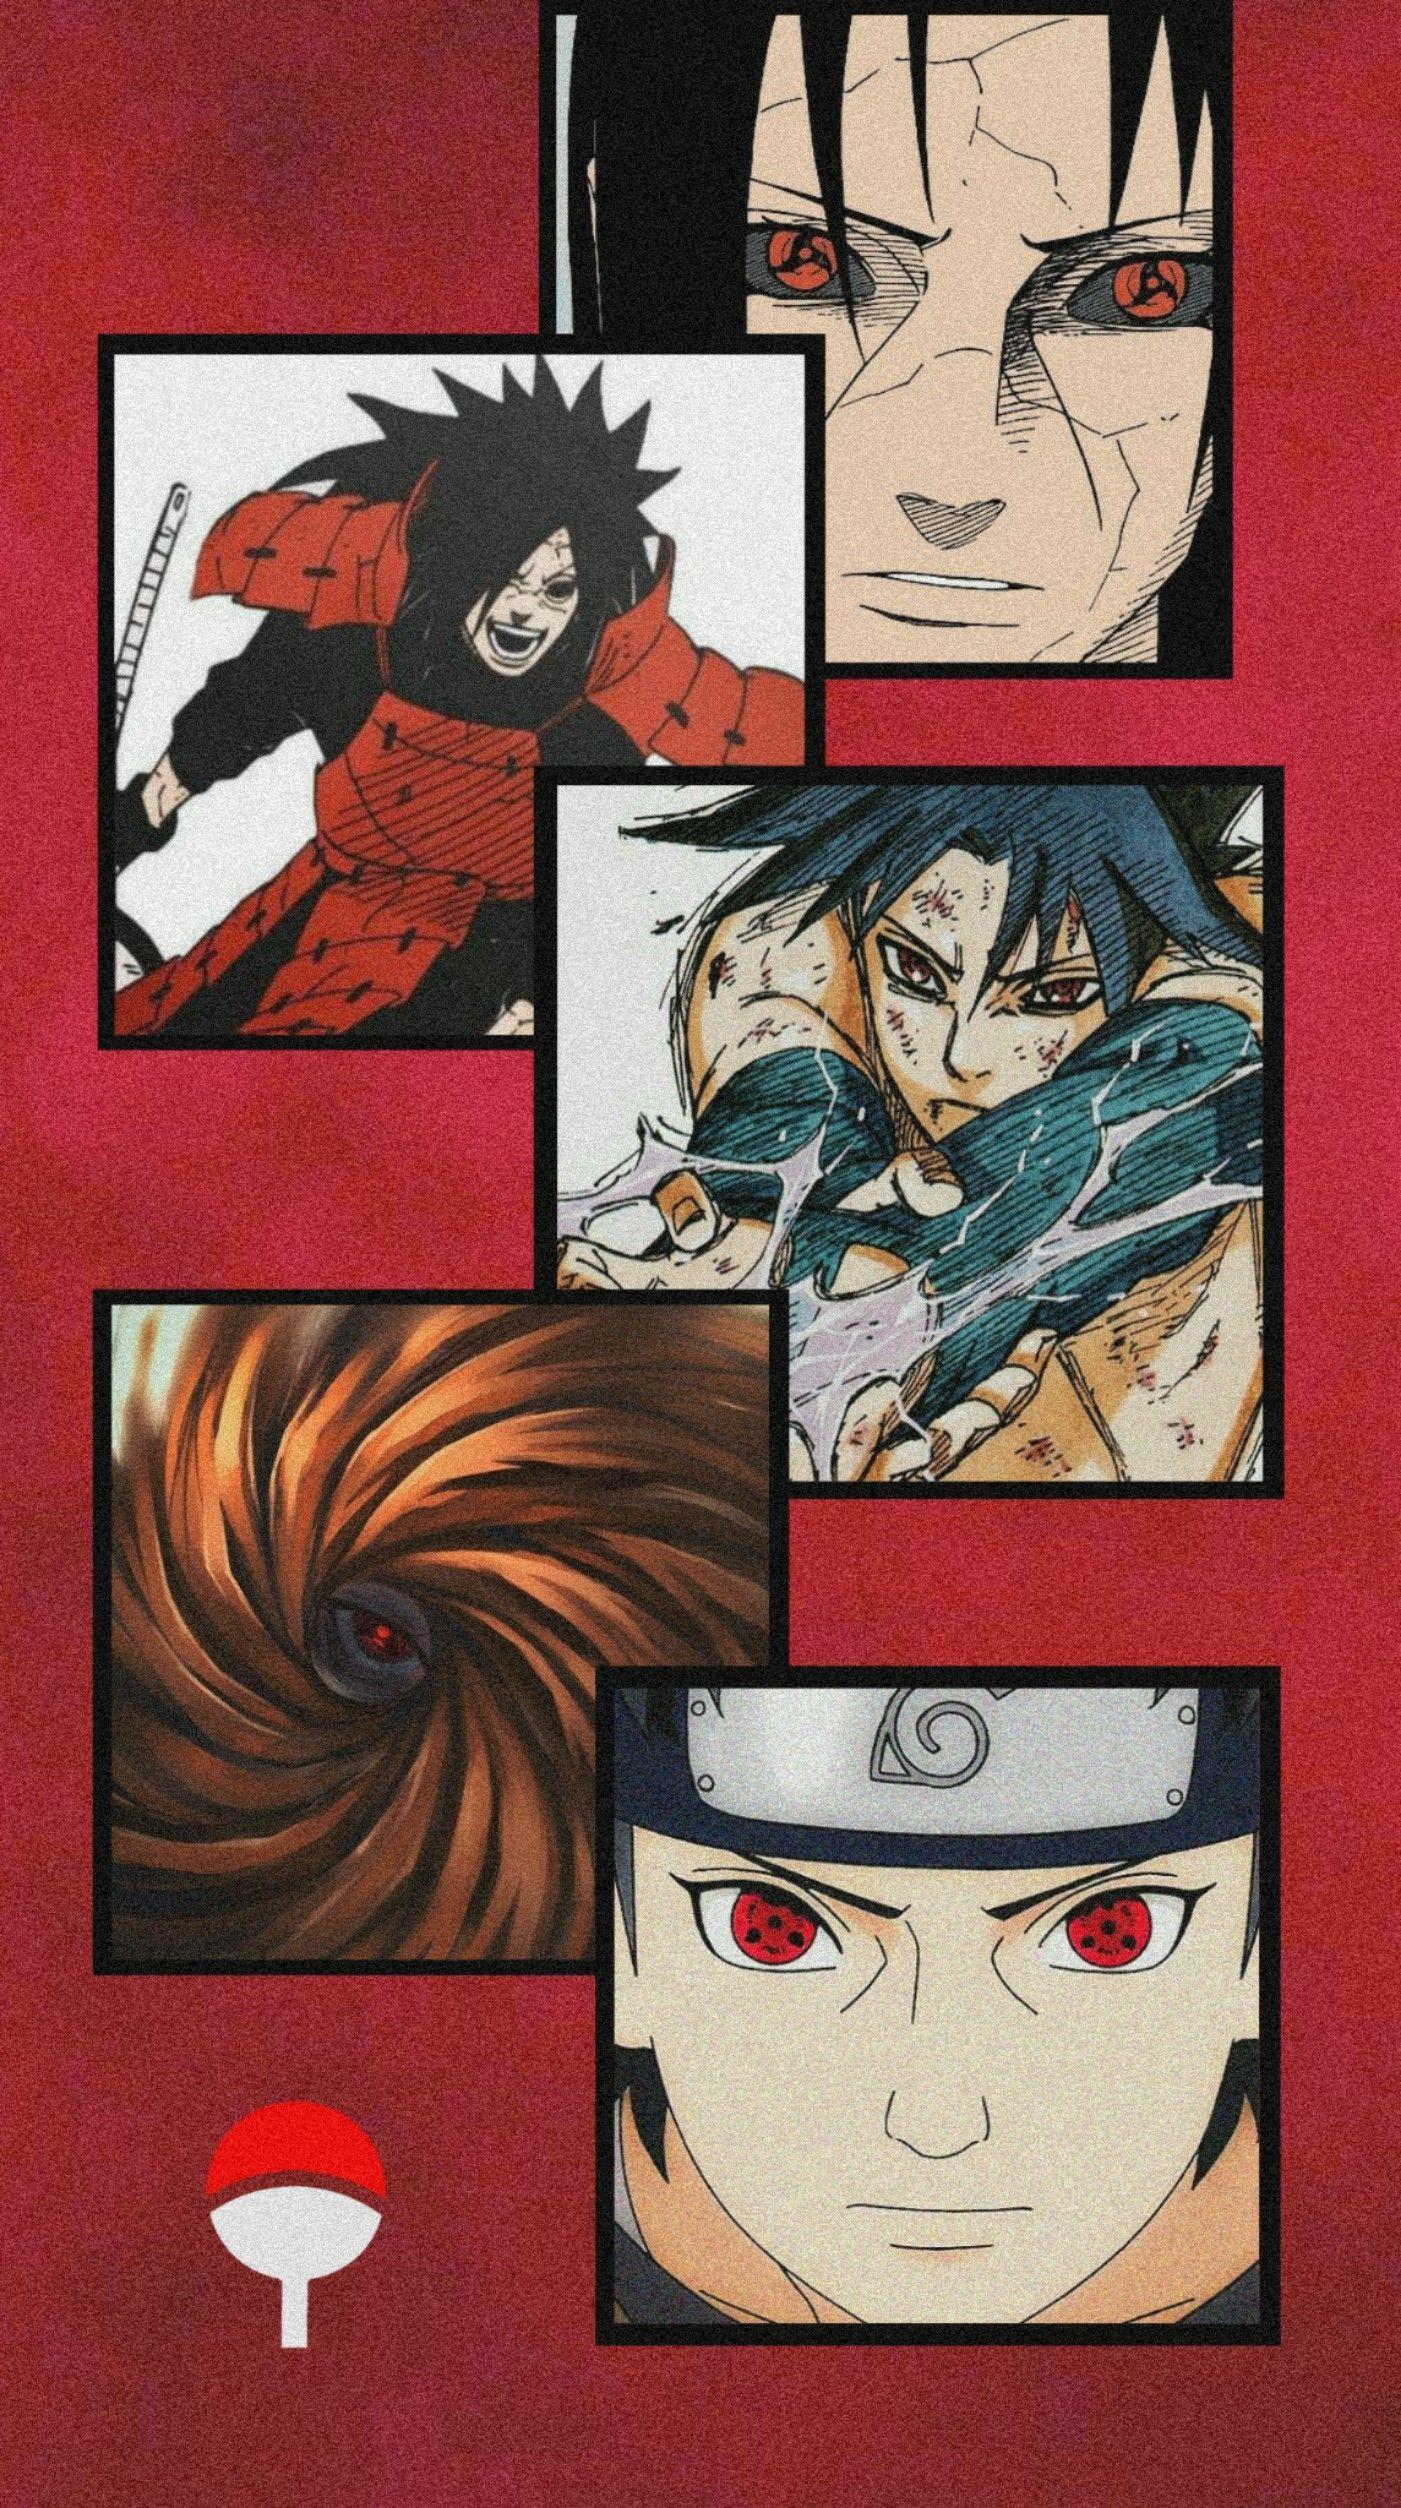 Pin De Er7ev Em Anime Art Arte Naruto Naruto Fotos Personagens